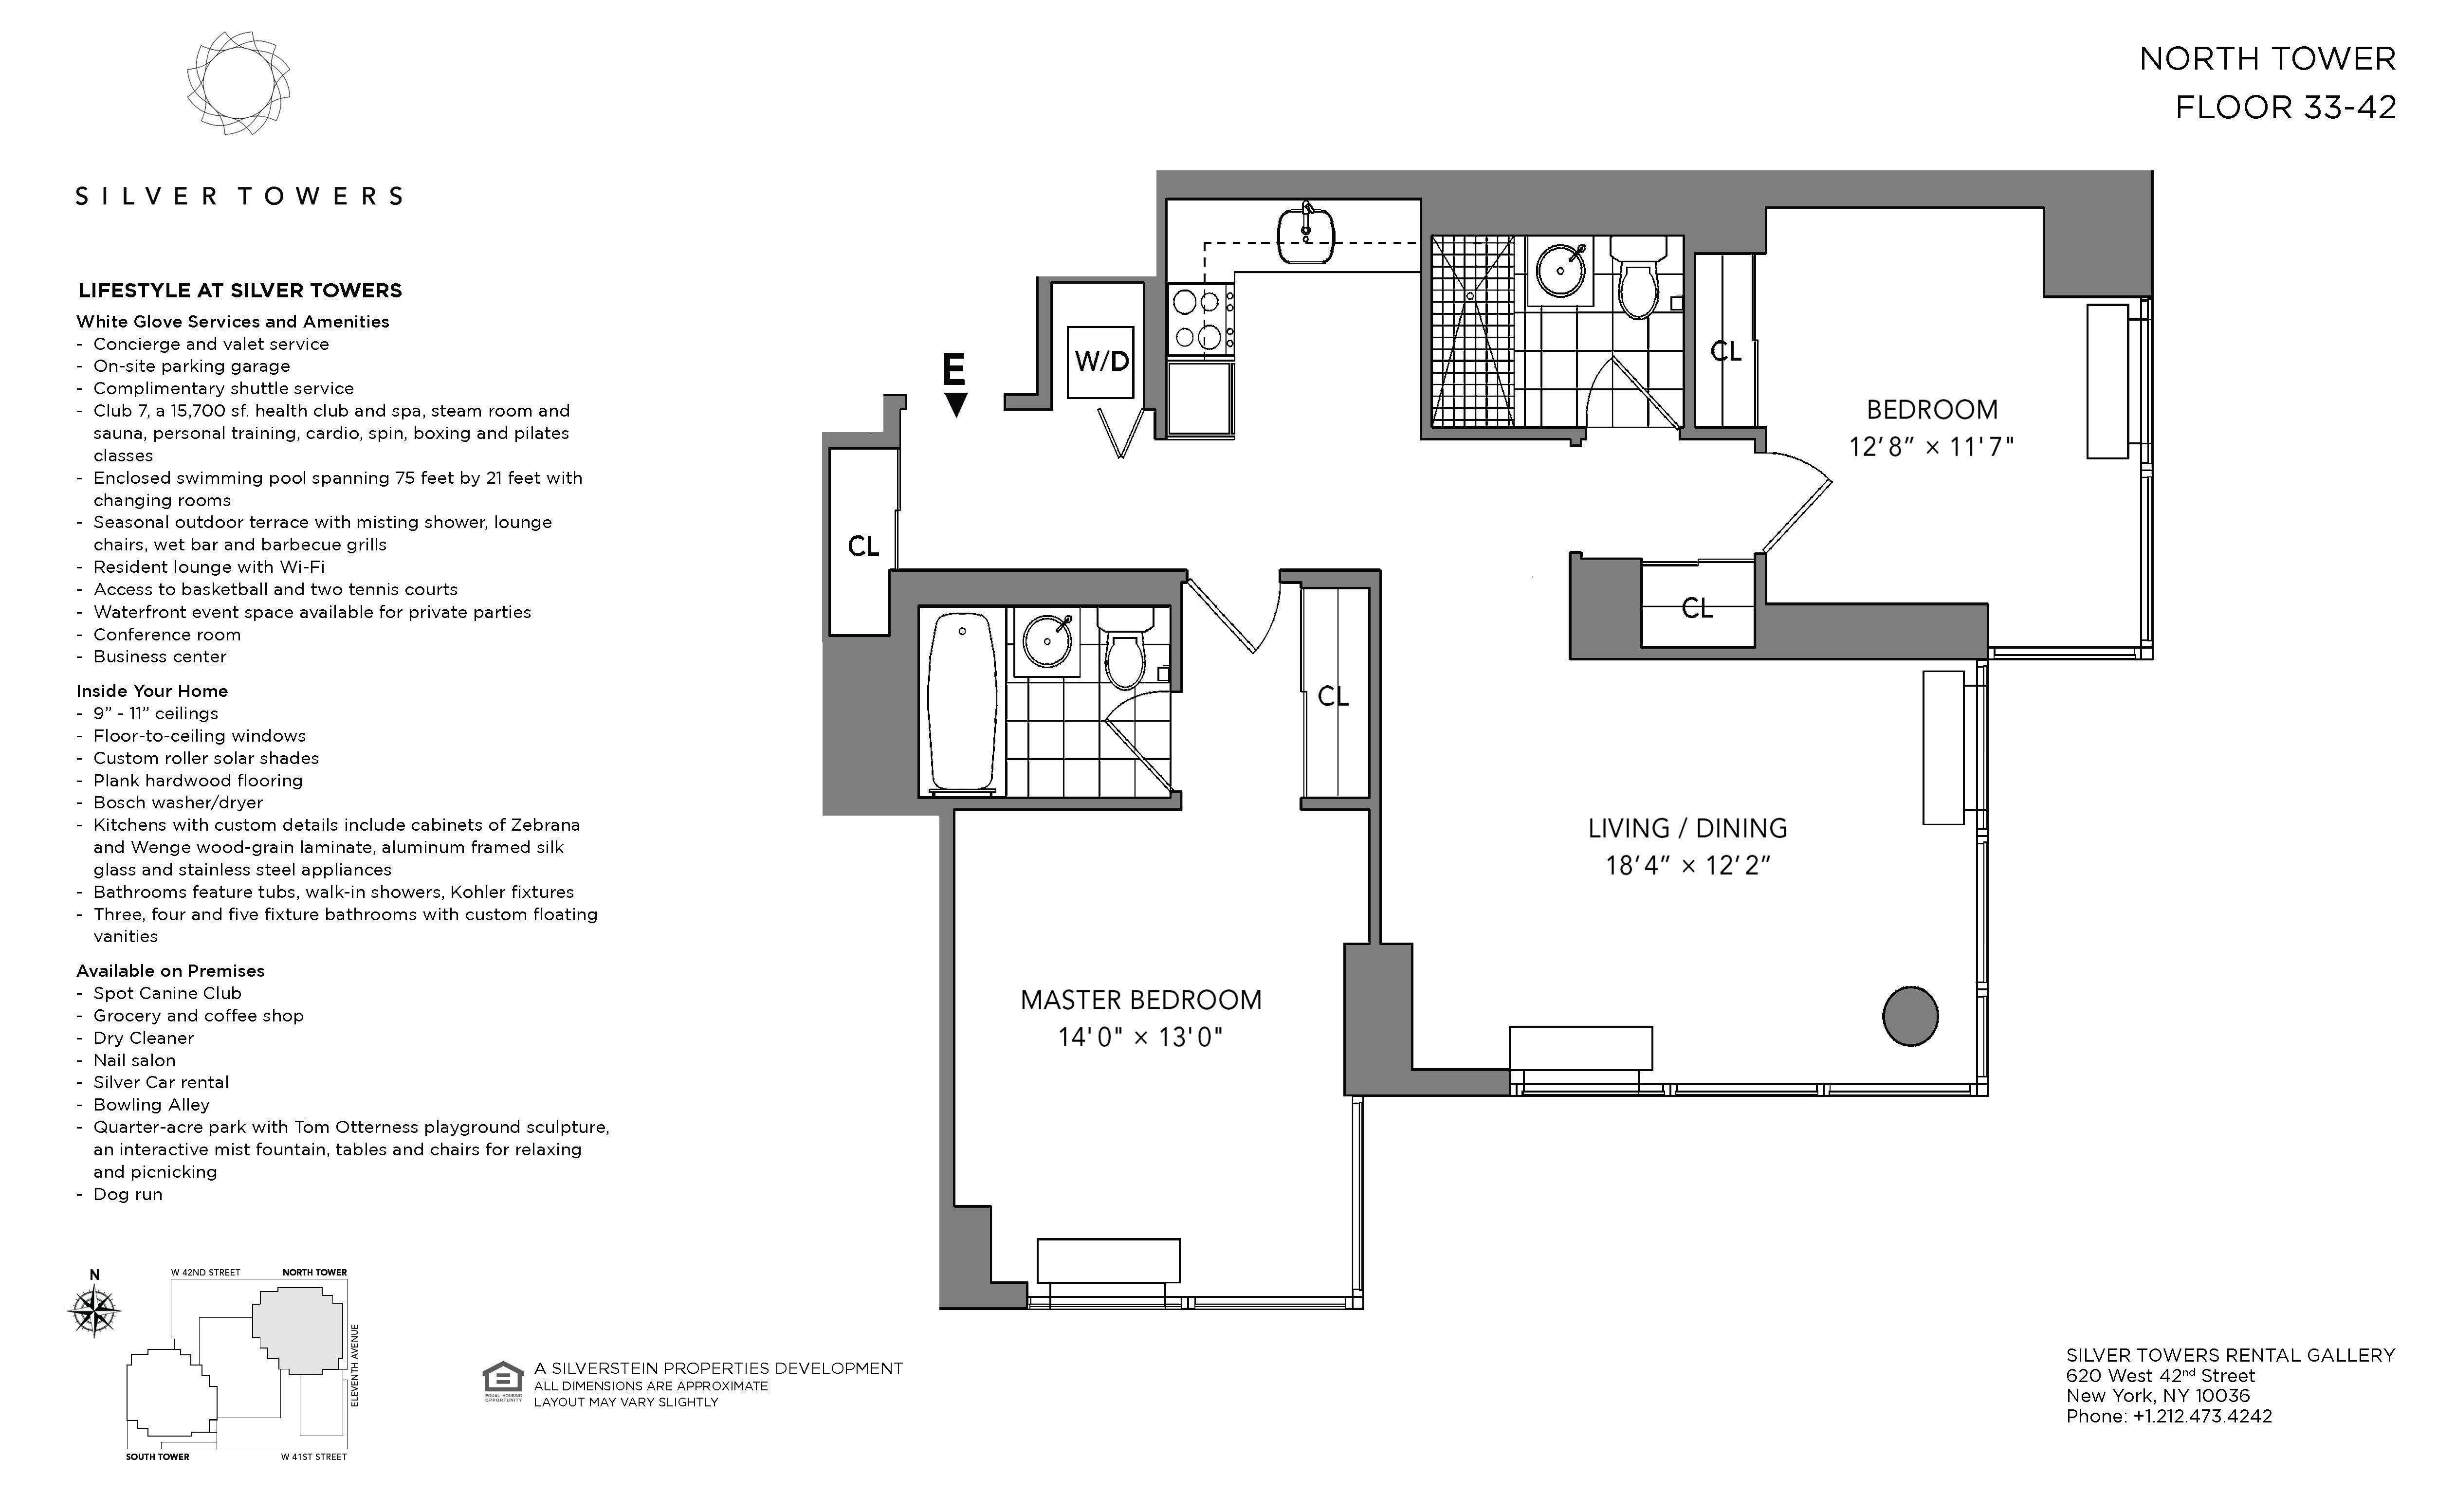 N42E - Floor Plan